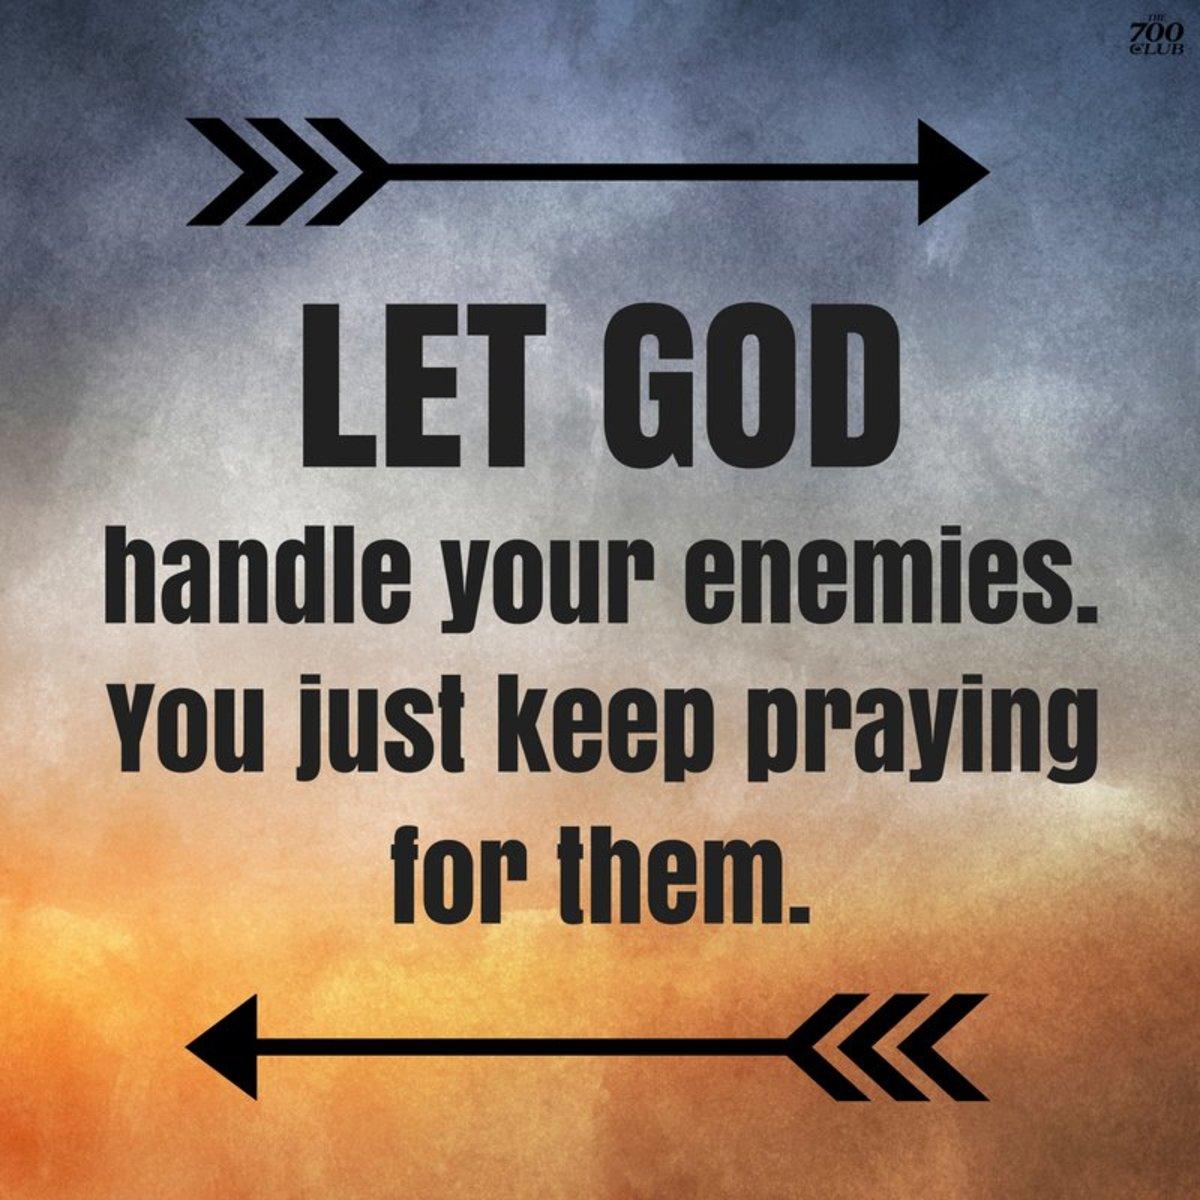 Just keep praying. (700 Club)